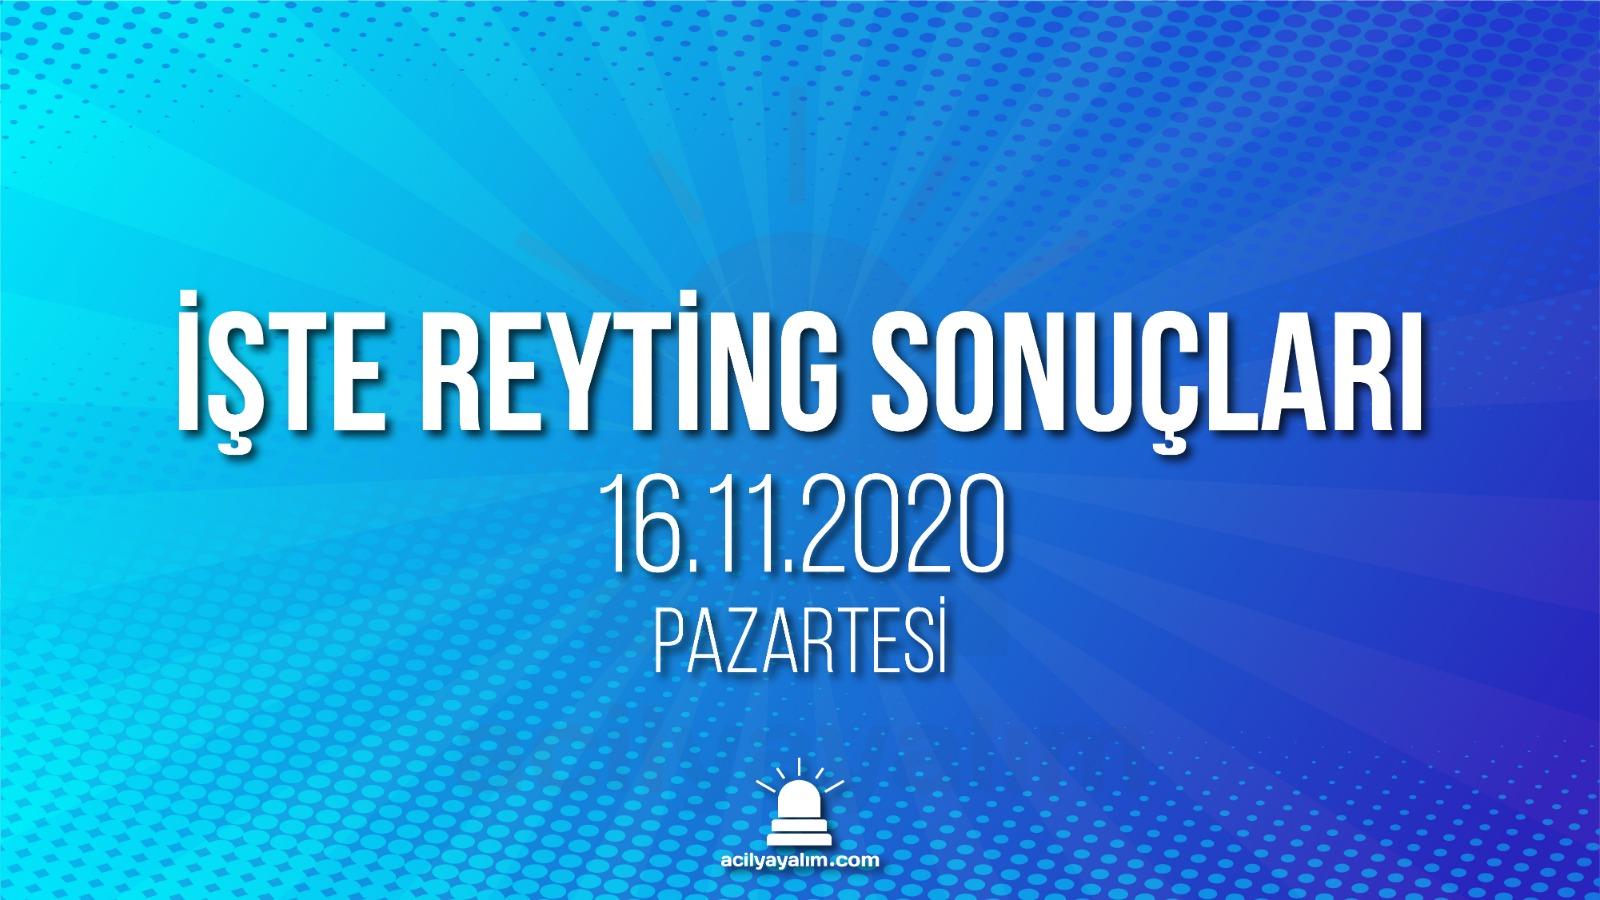 16 Kasım 2020 Pazartesi reyting sonuçları